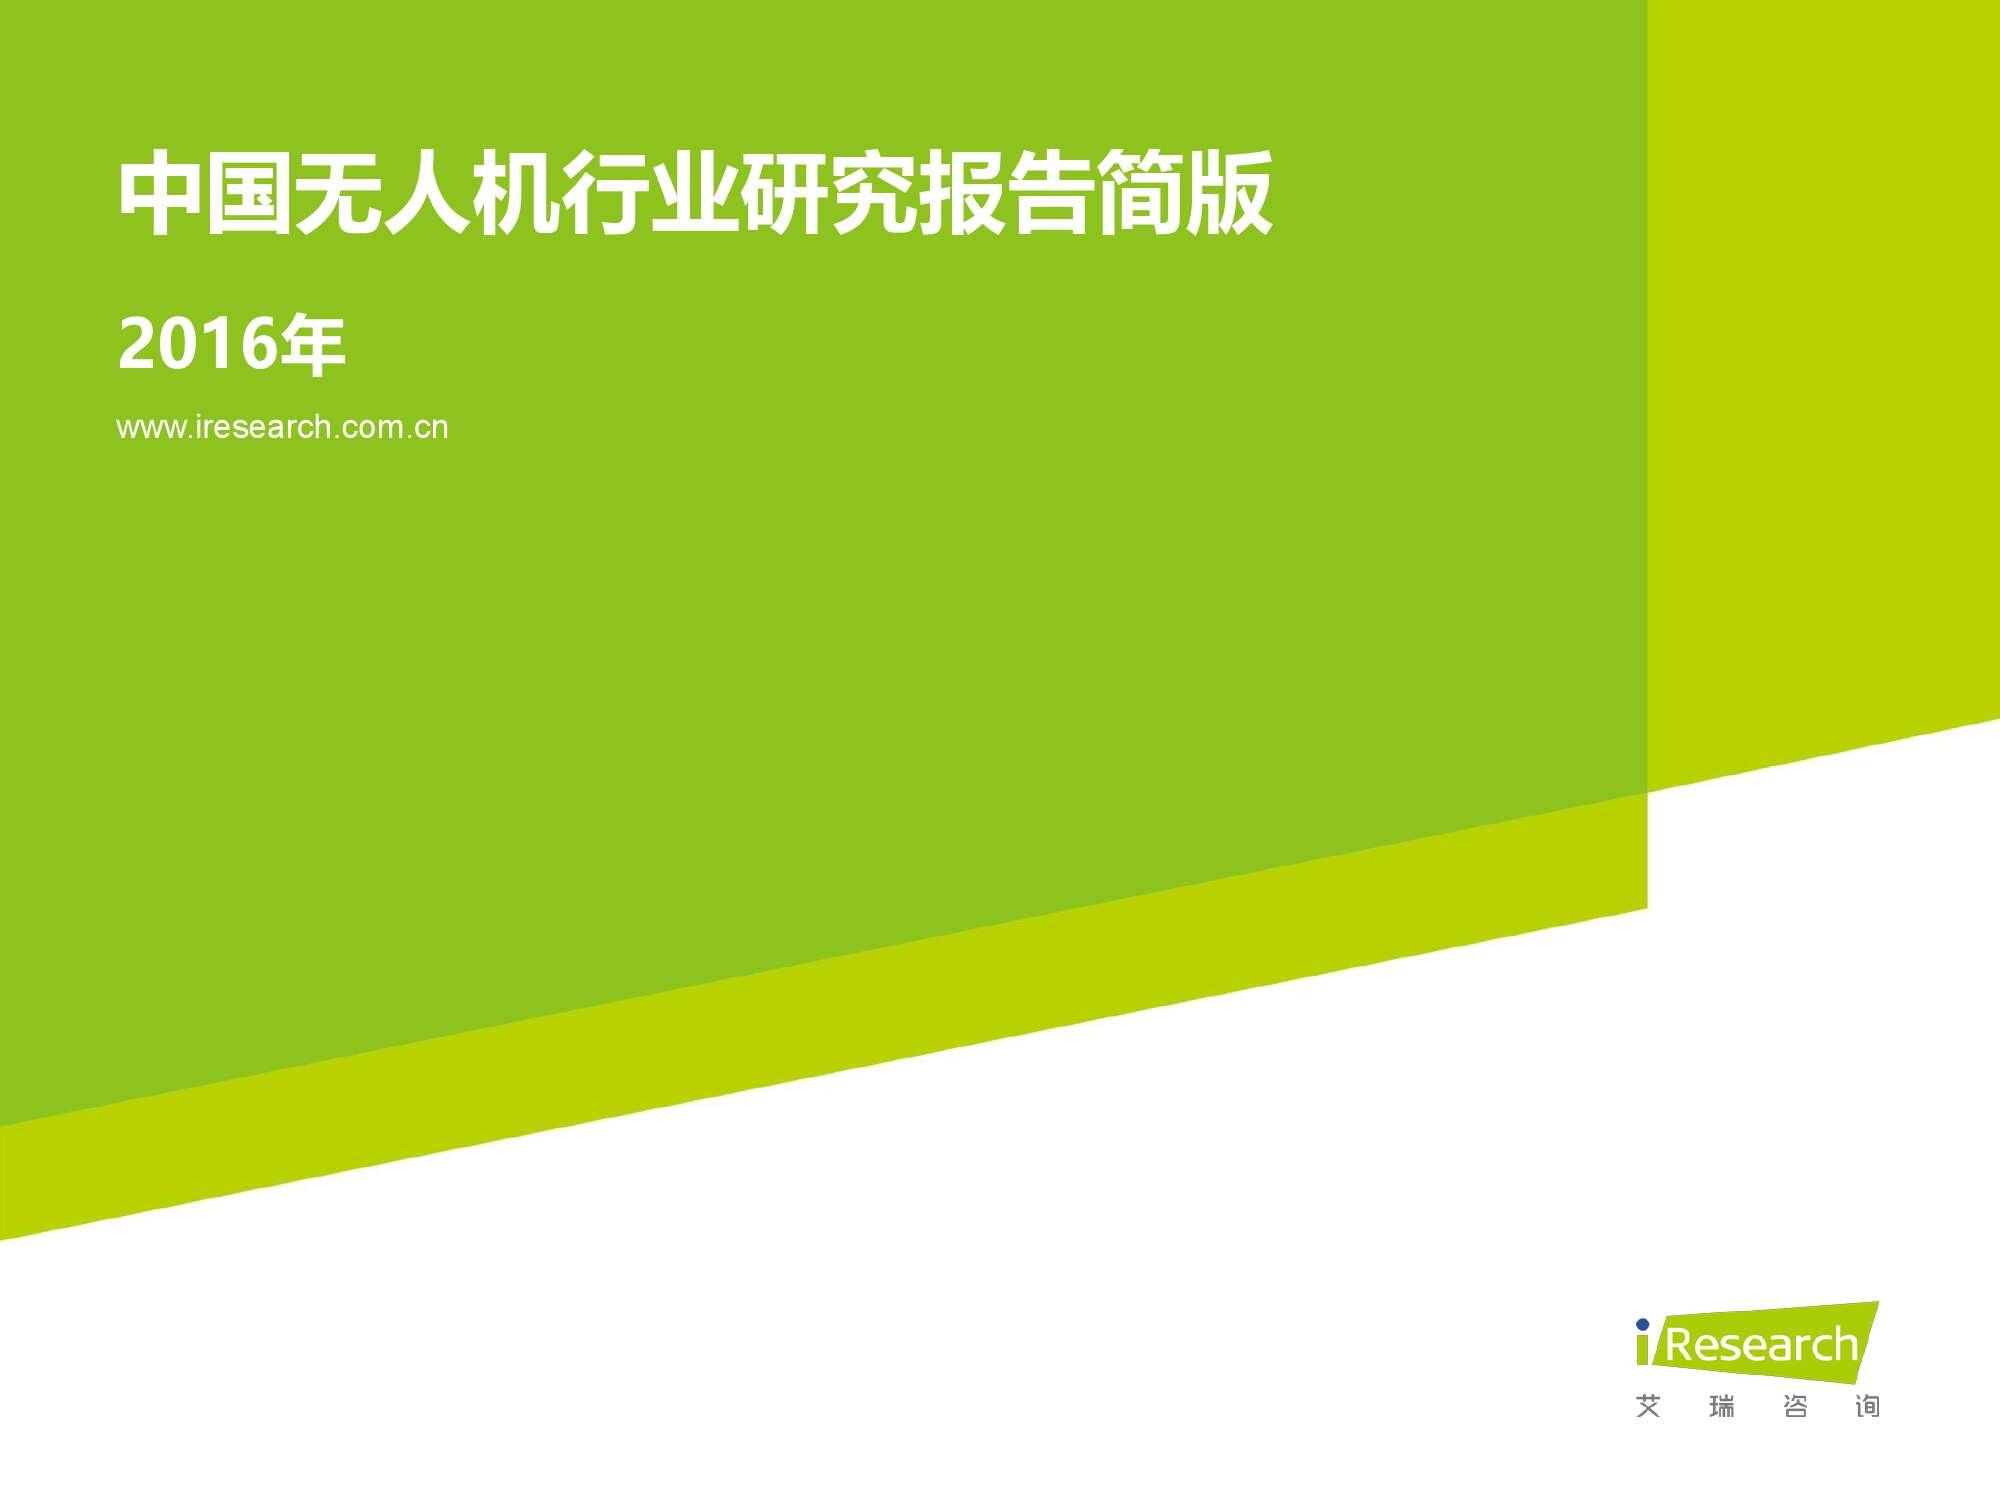 2016年中国无人机行业研究报告简版_000001